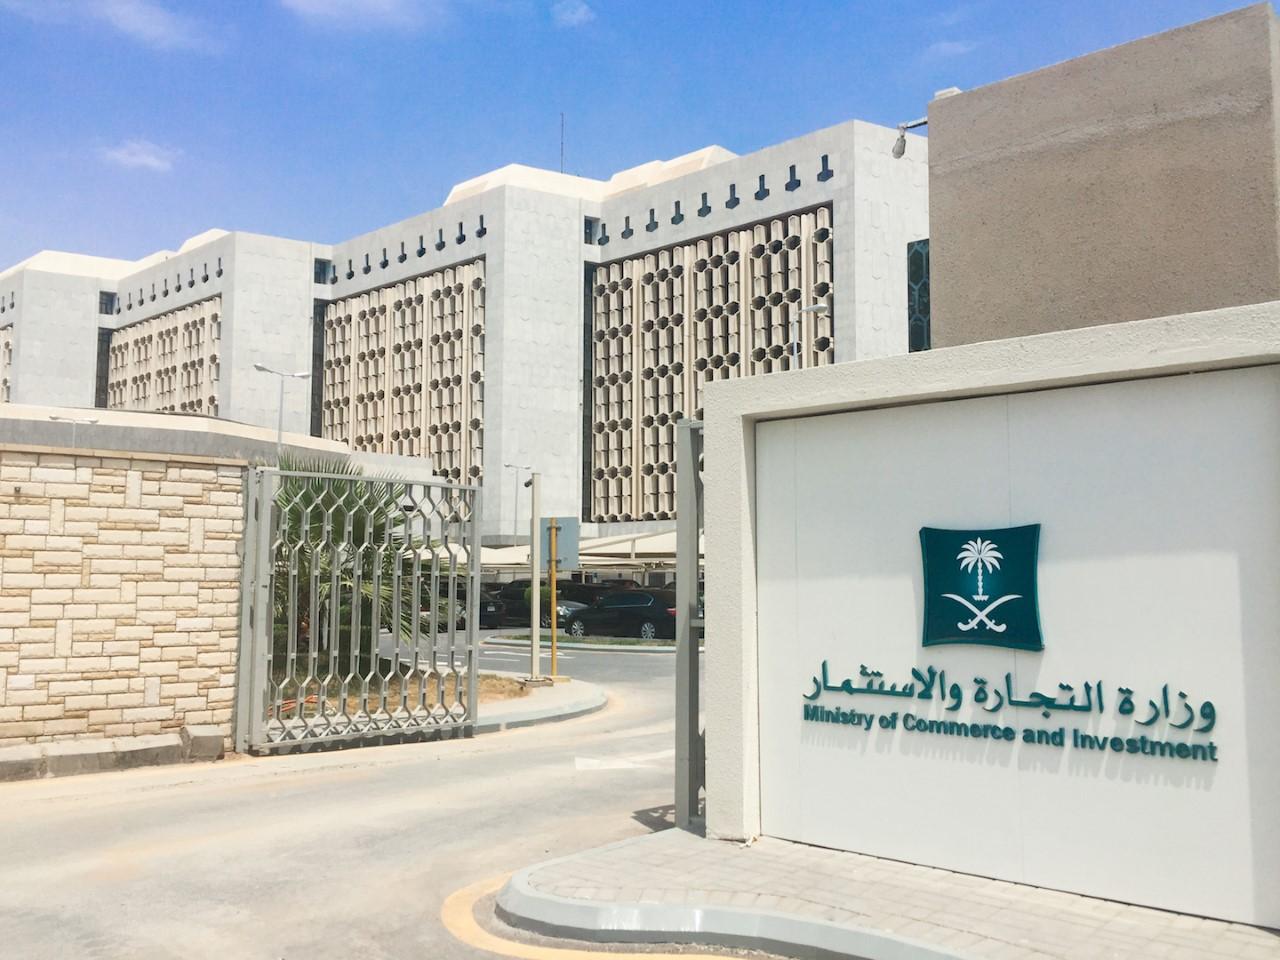 """التجارة: """"العلاقات التجارية بين السعودية والعراق تدخل عهد جديد برؤية طموحة"""""""